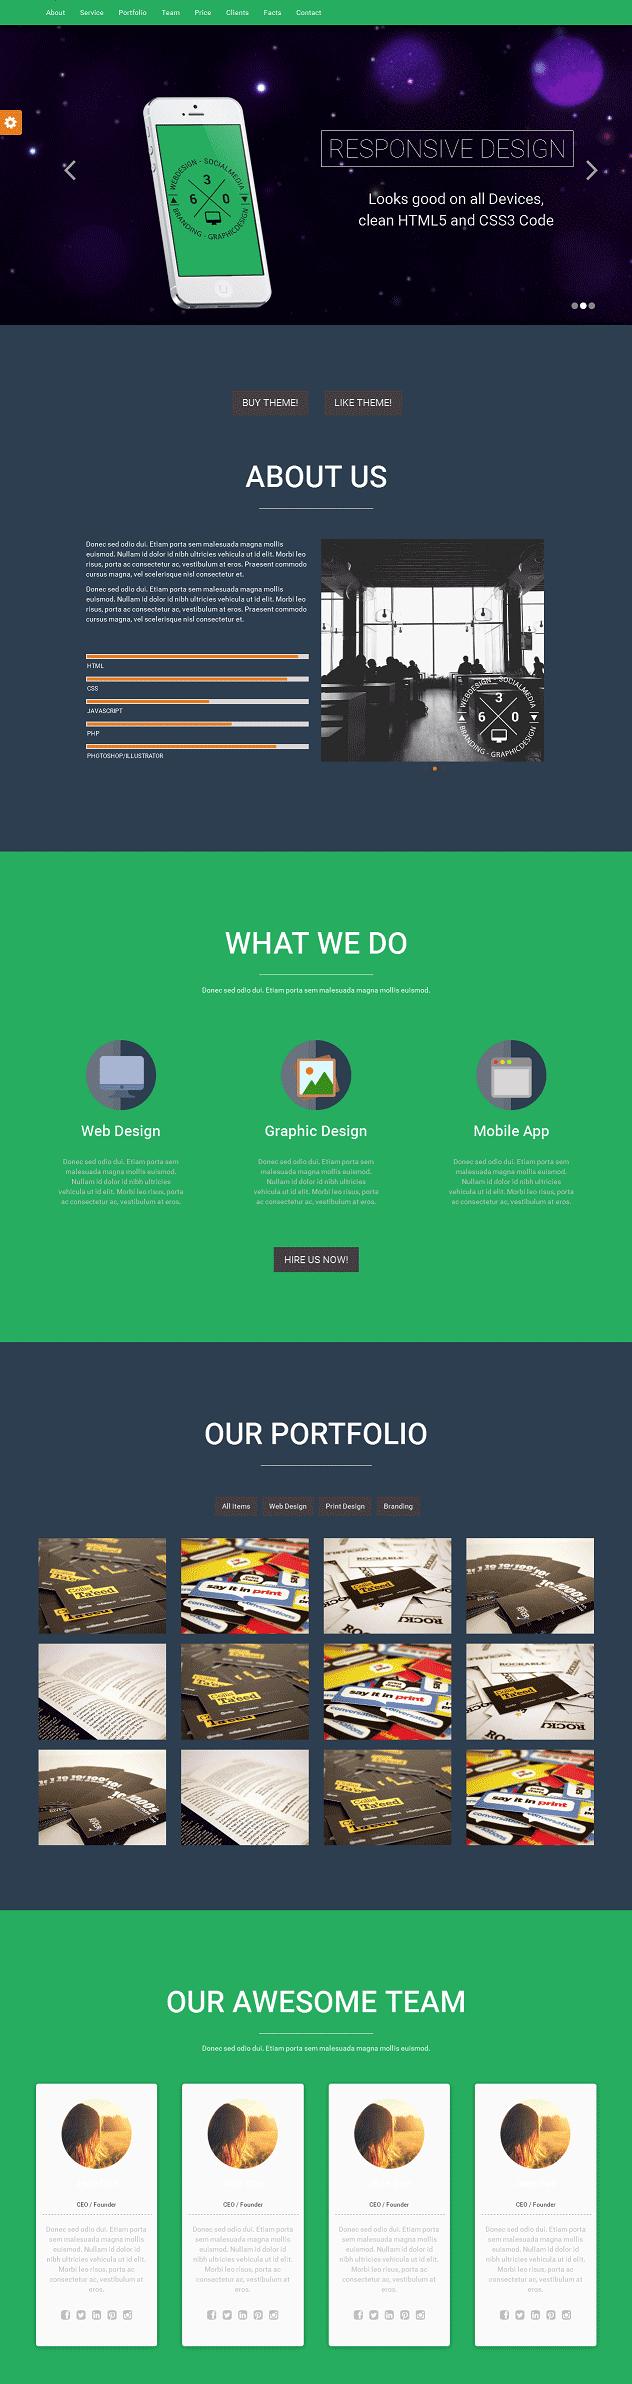 响应式视差滚动网页单页模板